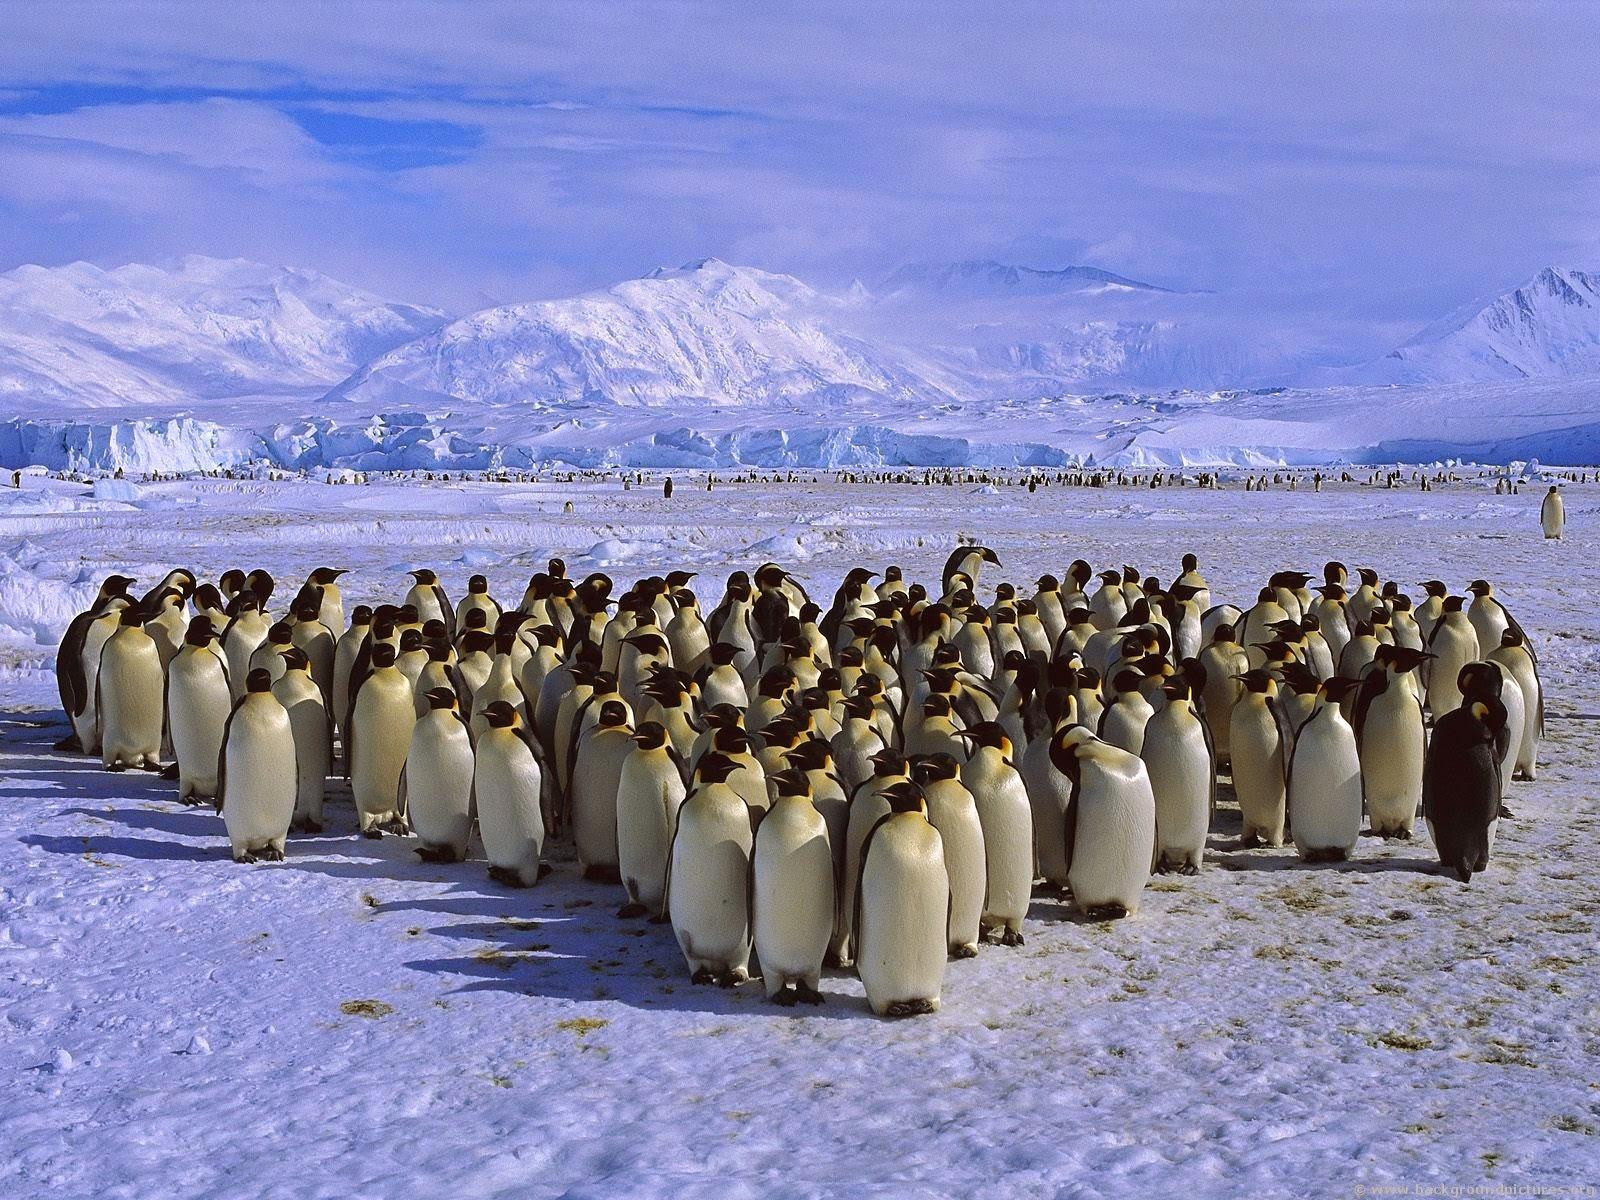 População é o conjunto de indivíduos de uma mesma espécie que vivem e ocupam uma mesma área